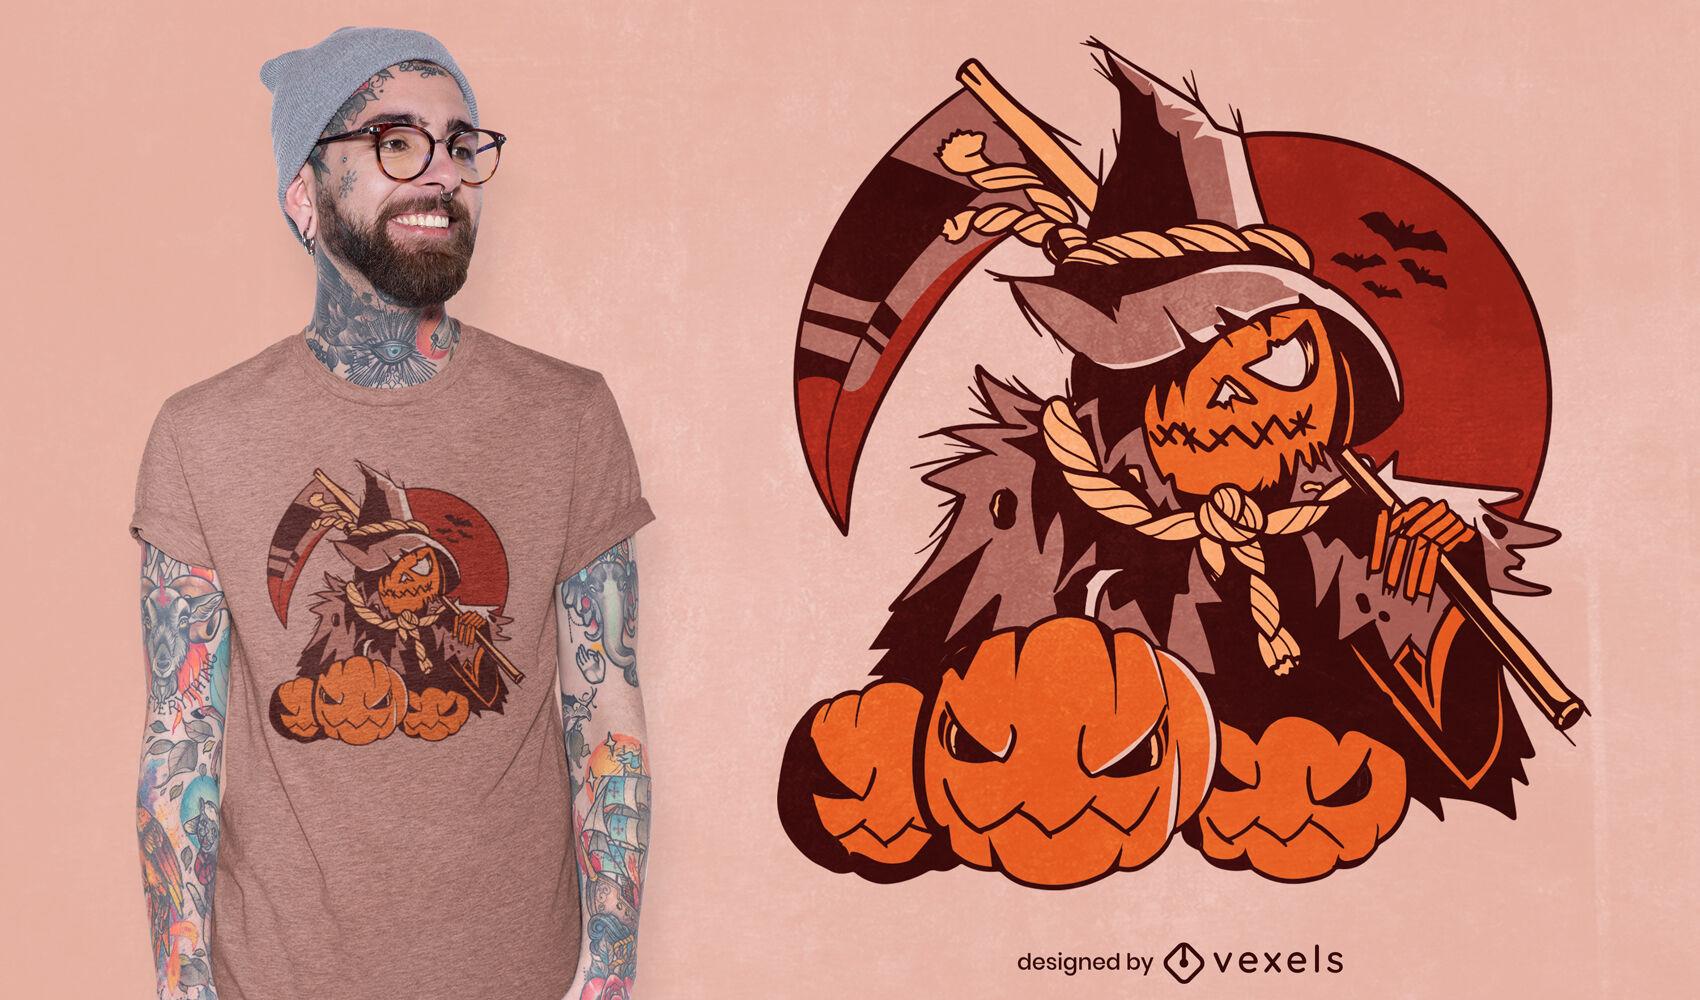 Pumpkin grim reaper halloween t-shirt design